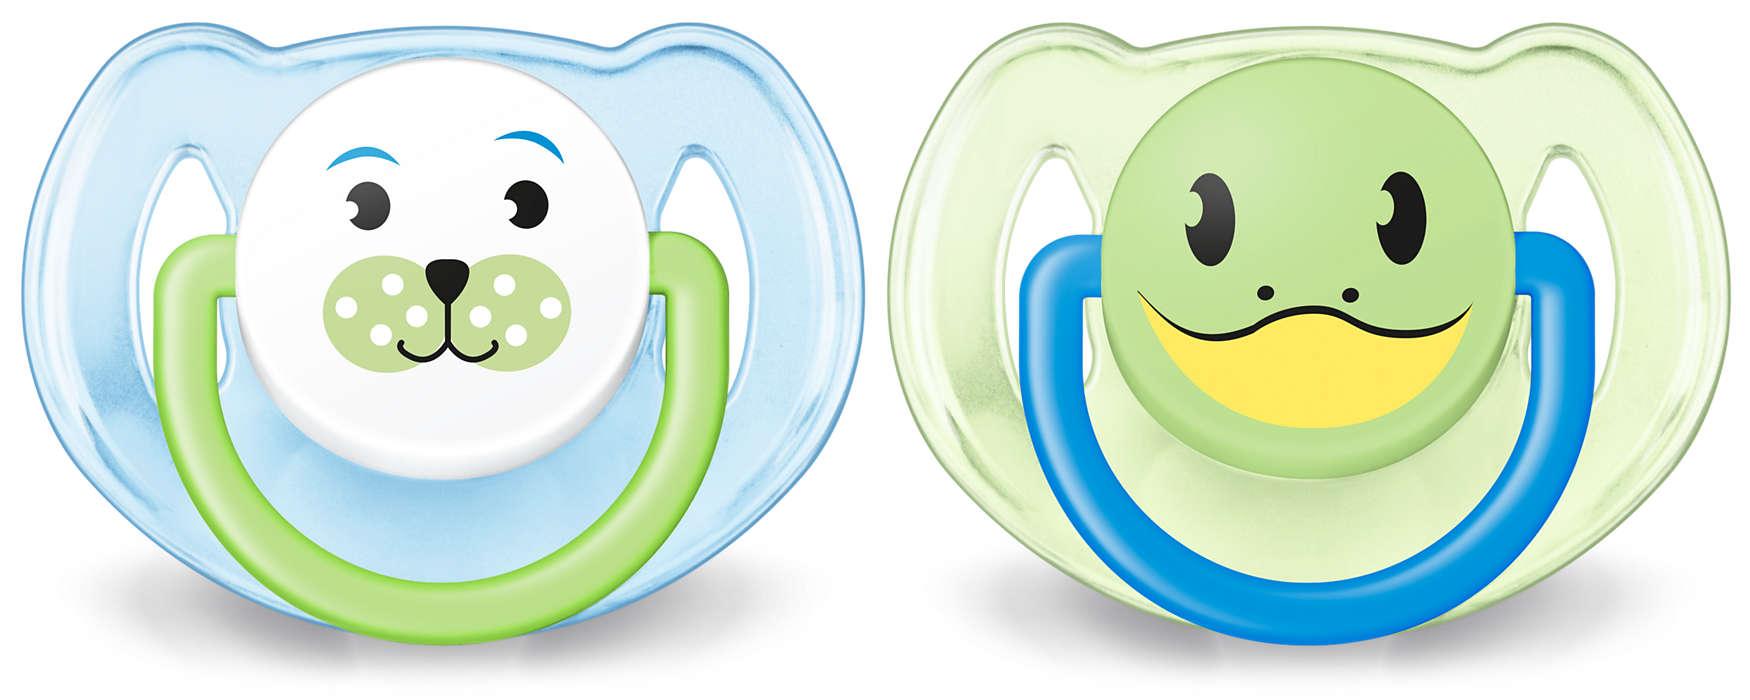 Ortodontska oblika za največje ugodje